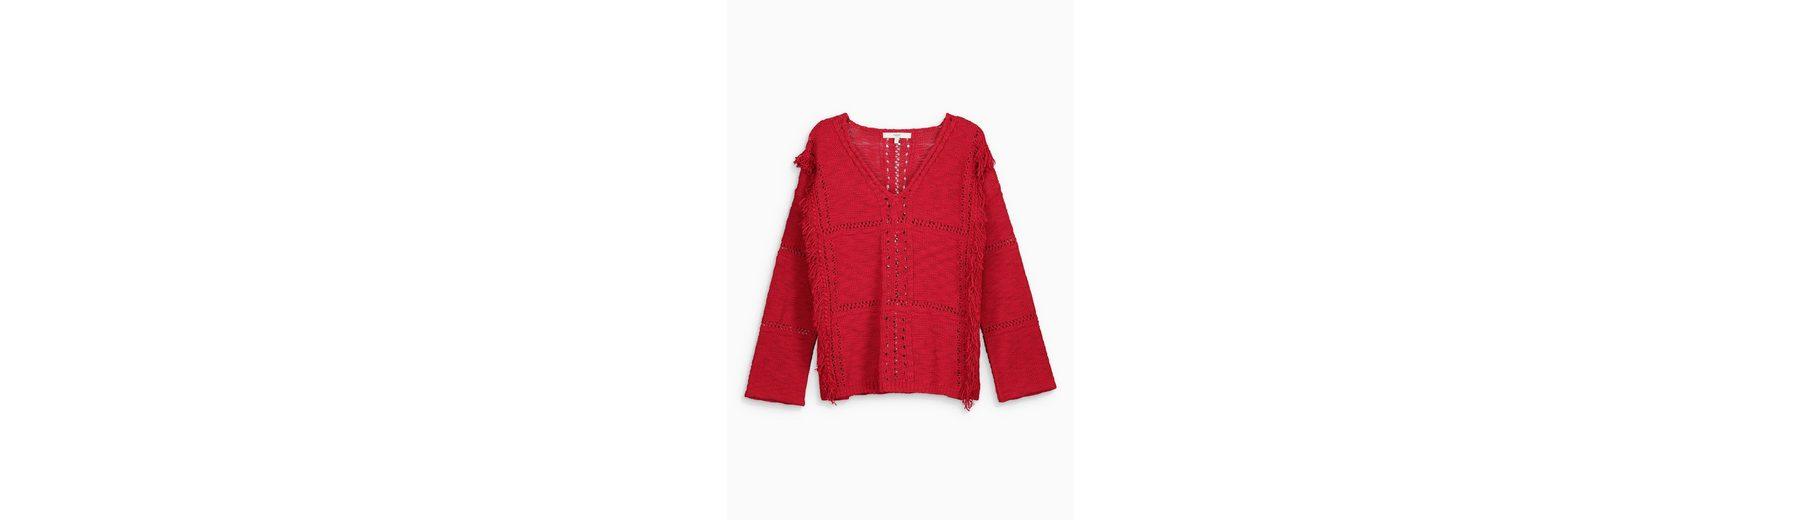 Next Pullover mit V-Ausschnitt und Fransen Freiraum Für Verkauf 7Rcvd4TUY